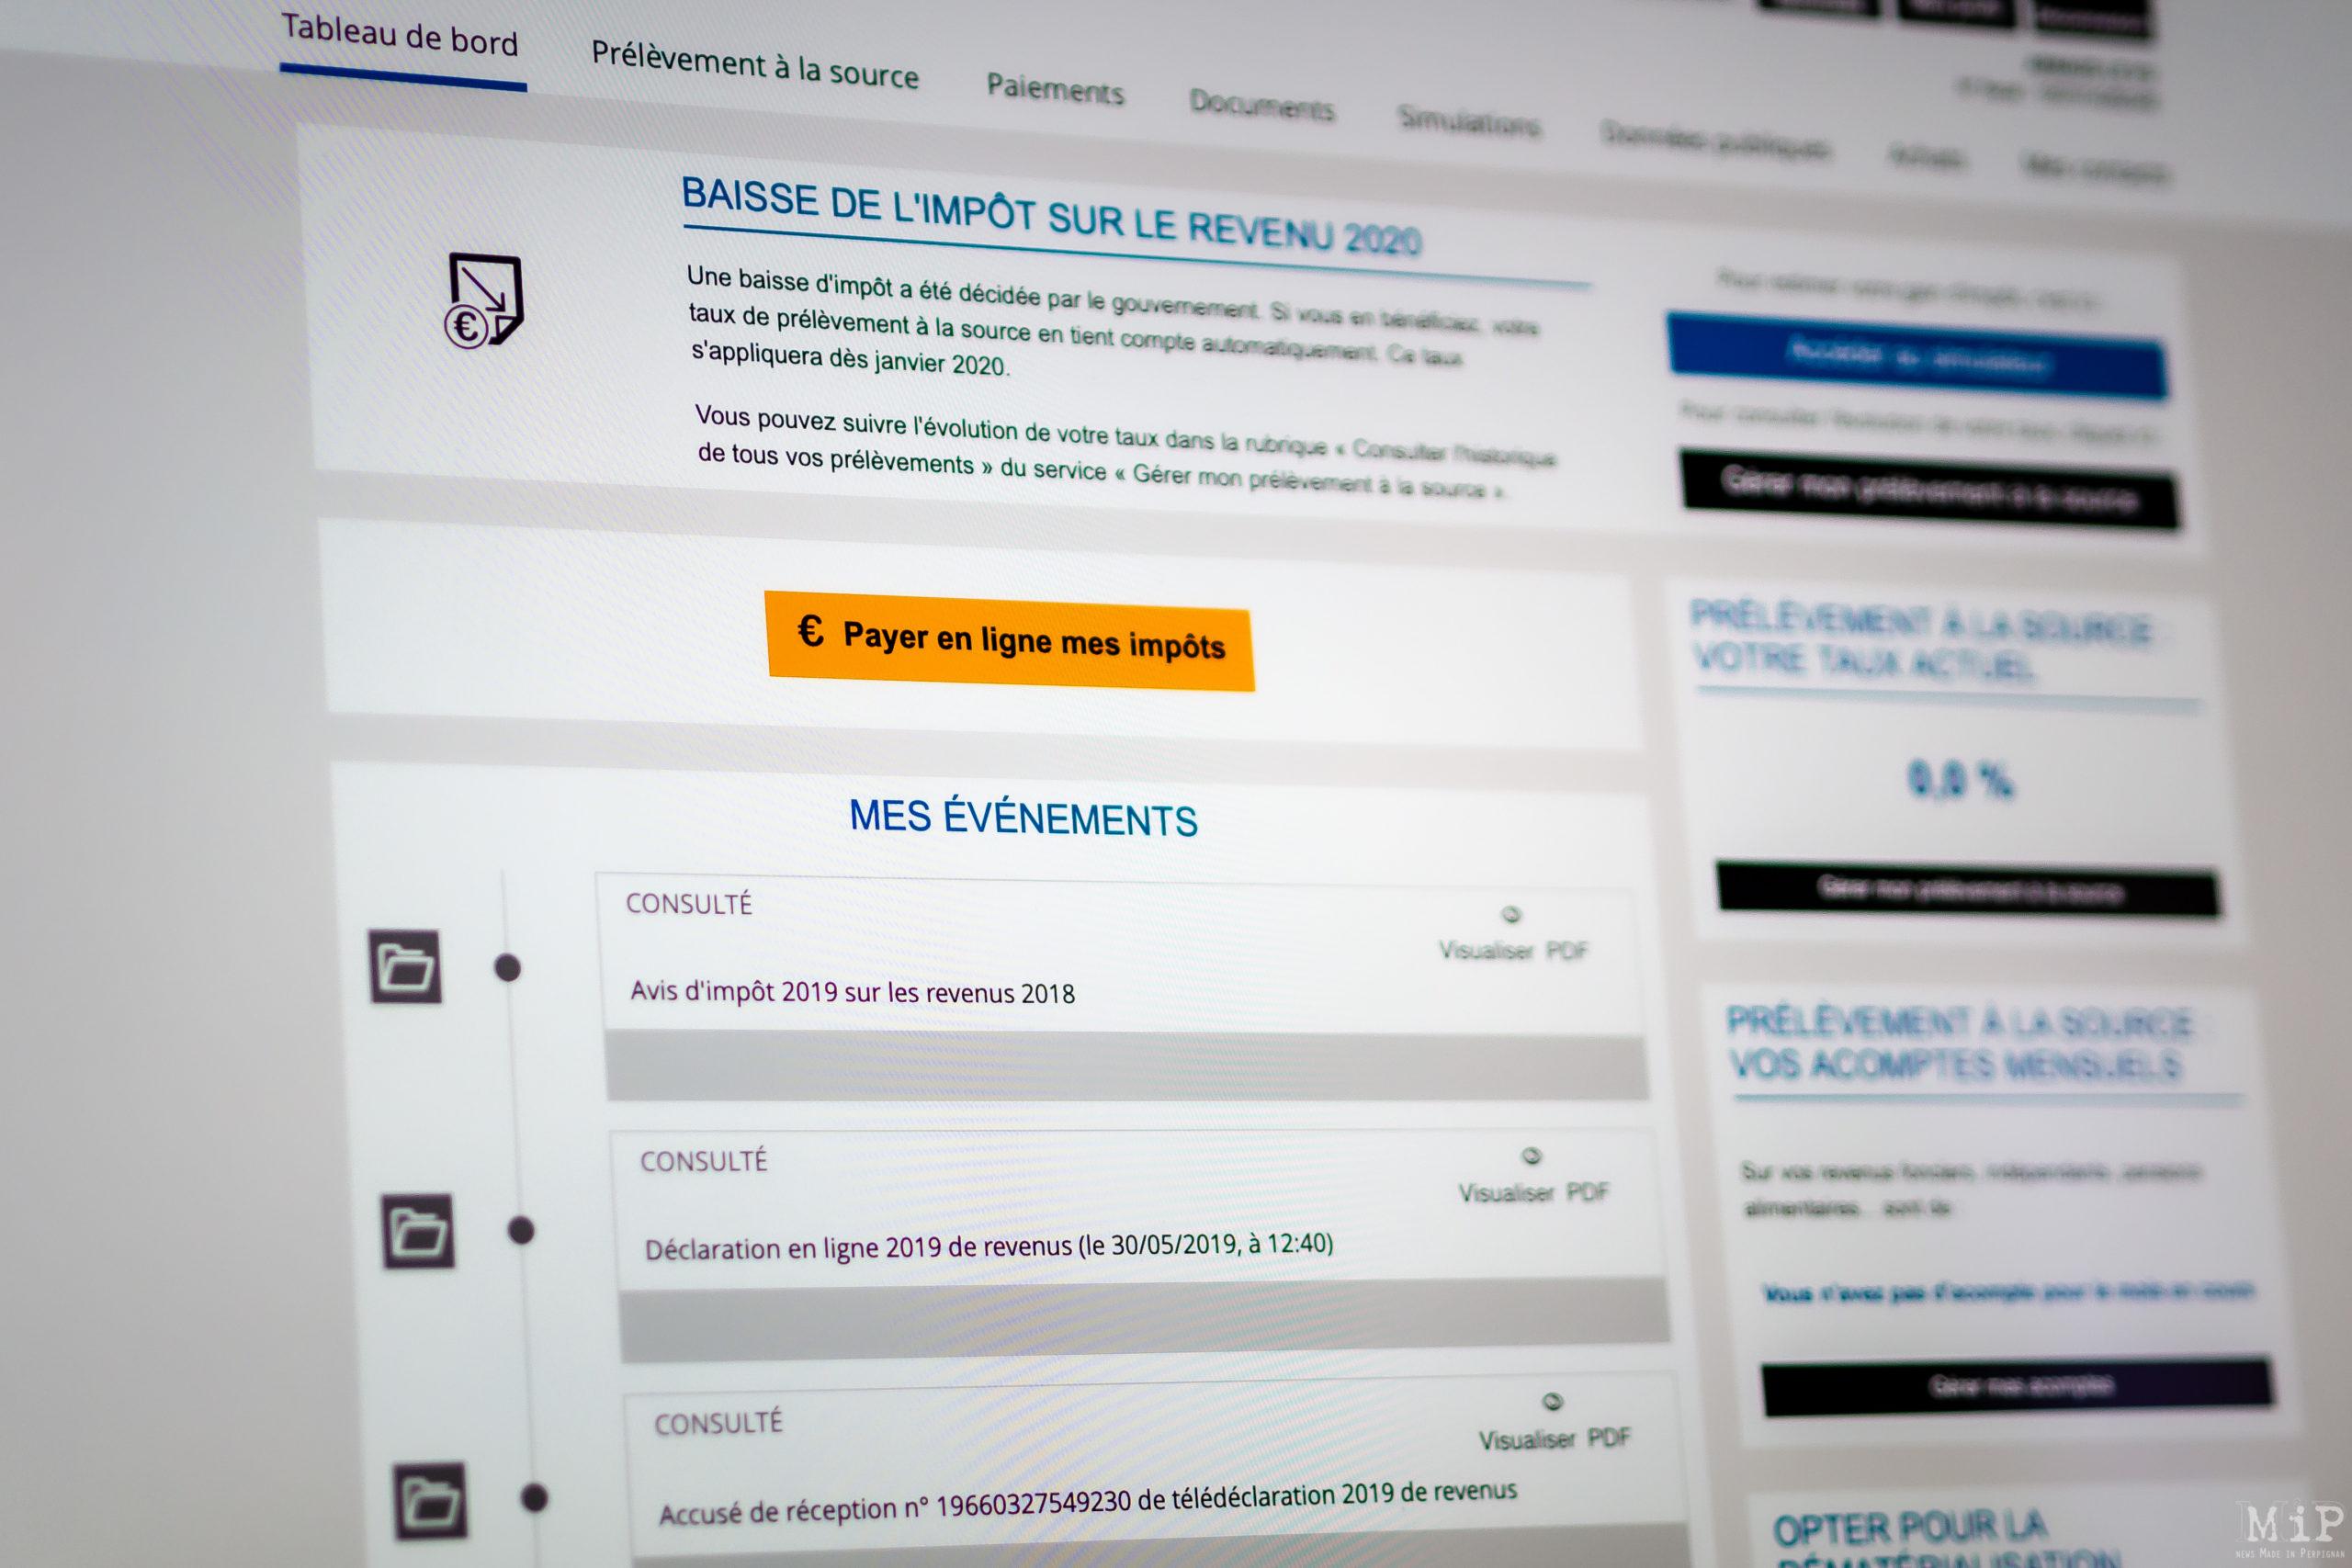 Campagne des impôts 2020 - Les aménagements spécifiques au Covid-19 pris dans les Pyrénées-Orientales © Arnaud Le Vu / MiP / APM